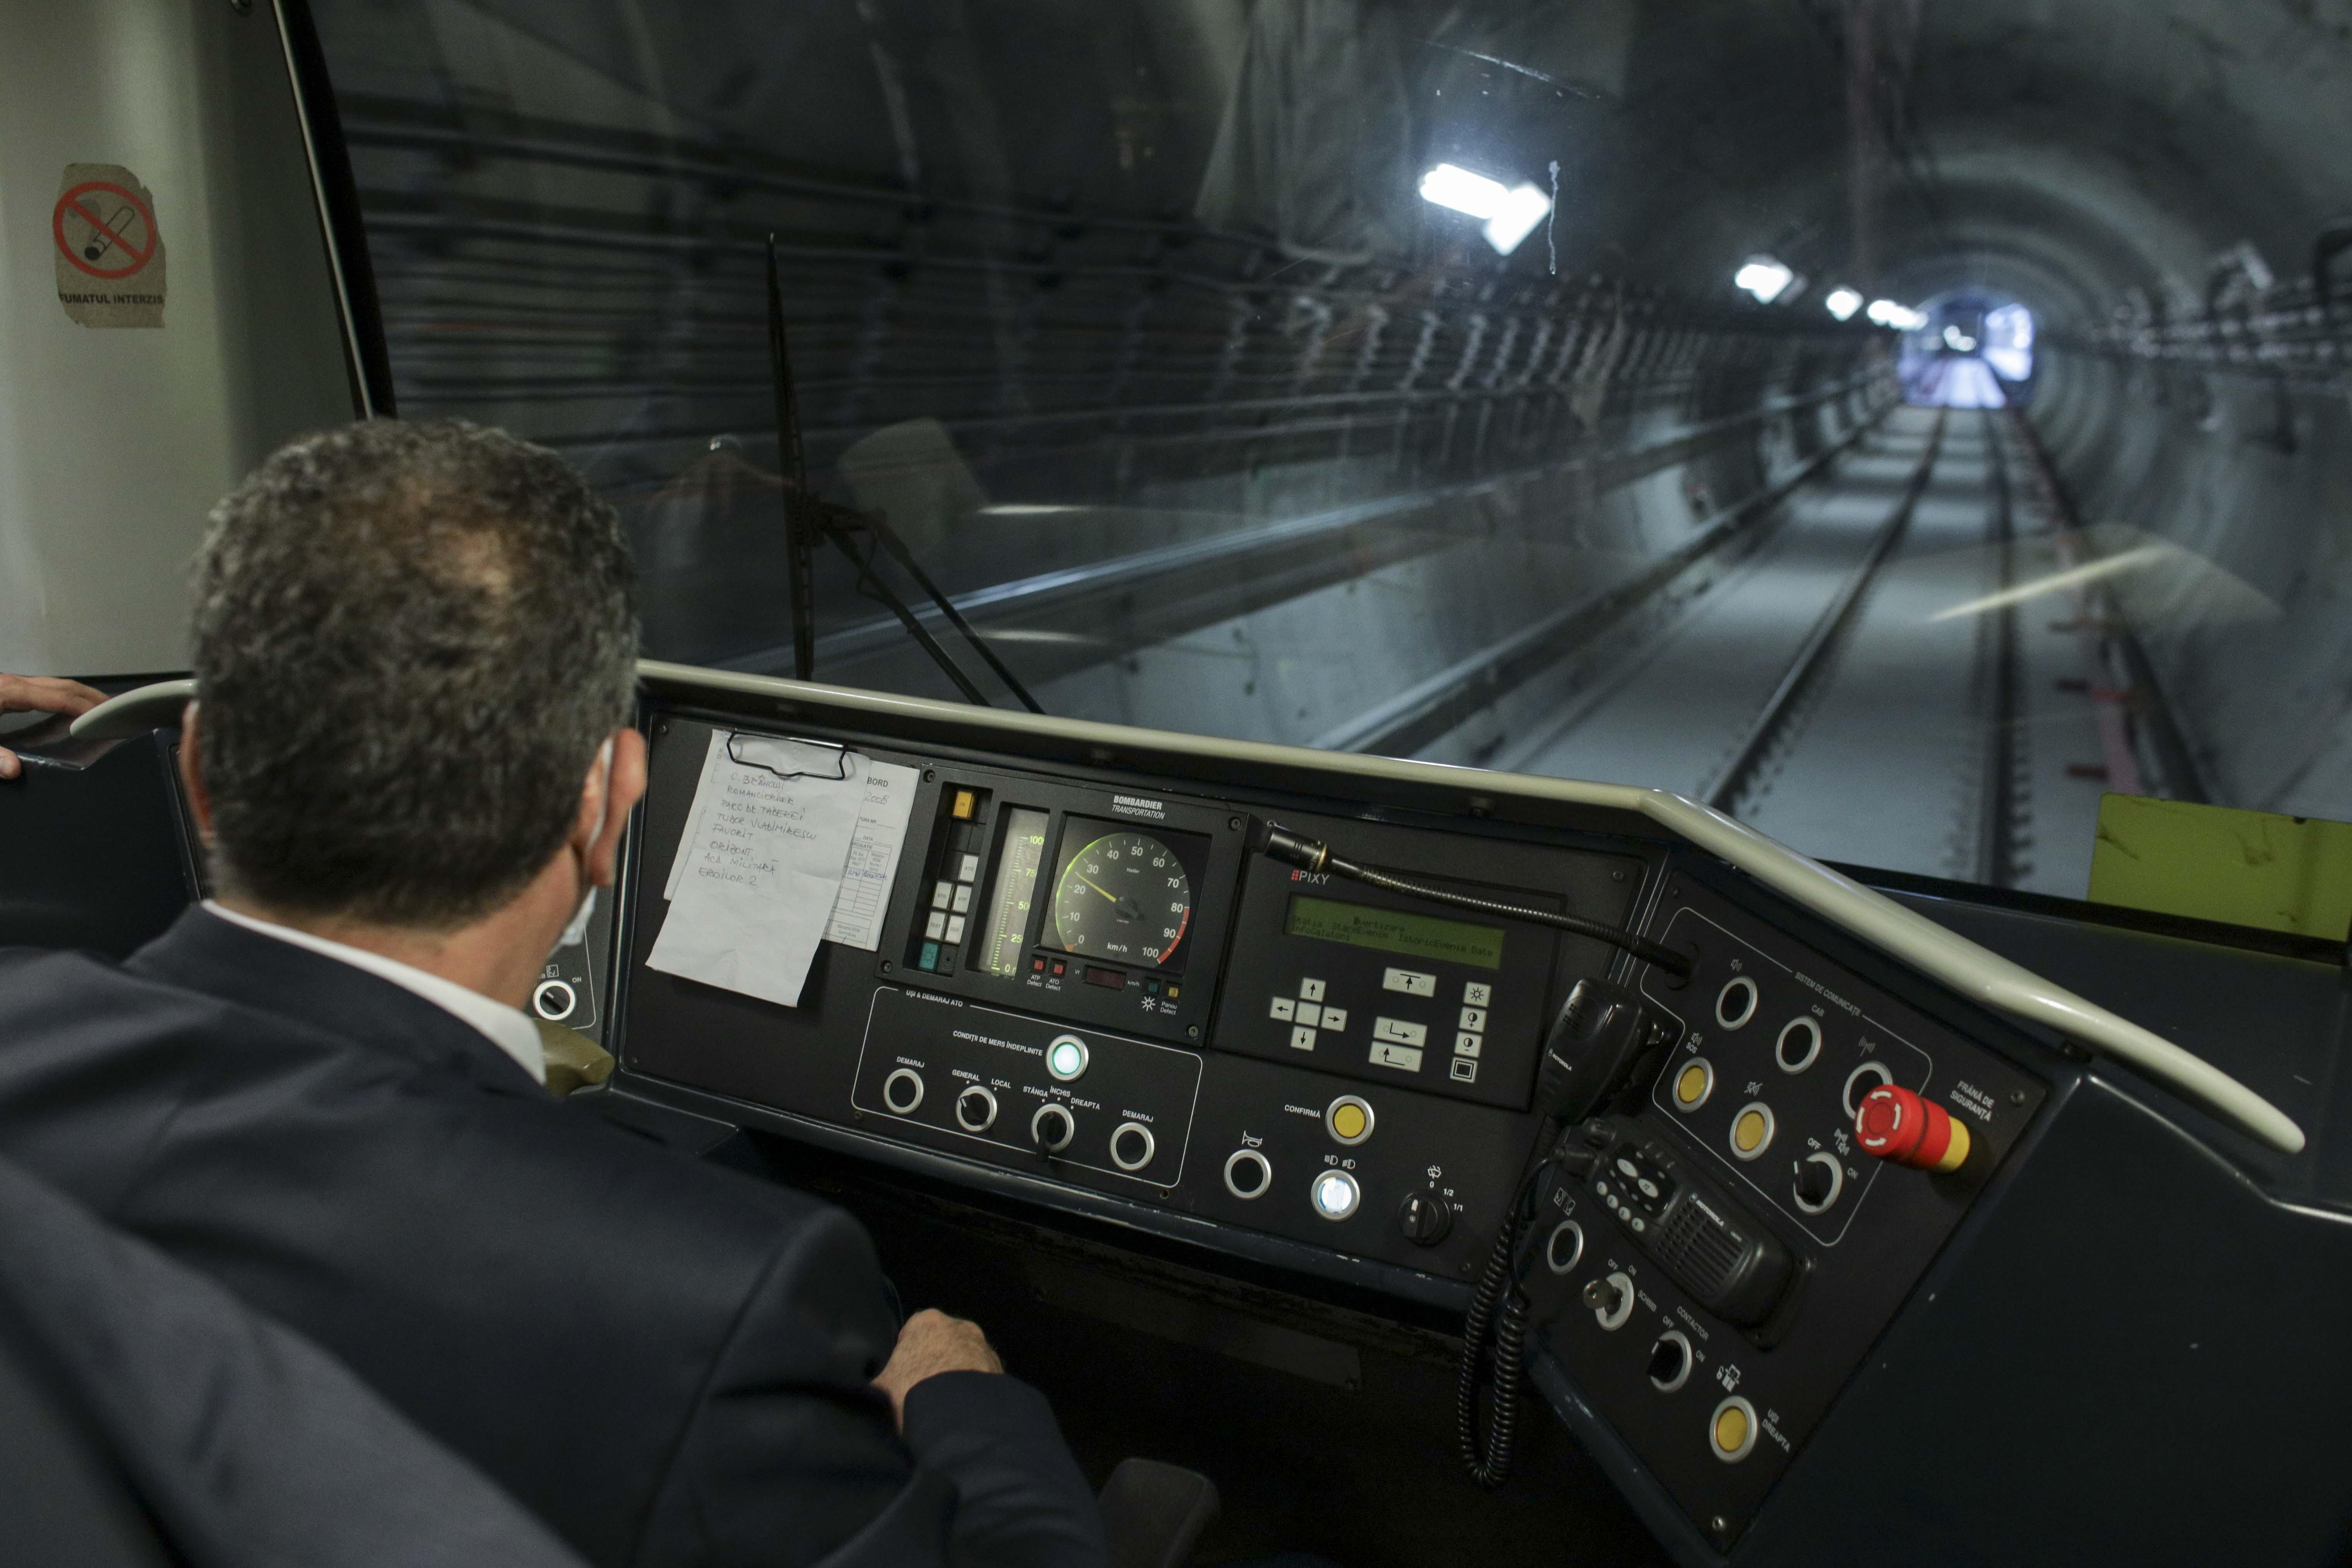 """Şeful Metrorex, intrebat daca metroul din Drumul Taberei va circula in septembrie: """"Vom vedea"""". Predecesorul sau si-a dat demisia"""